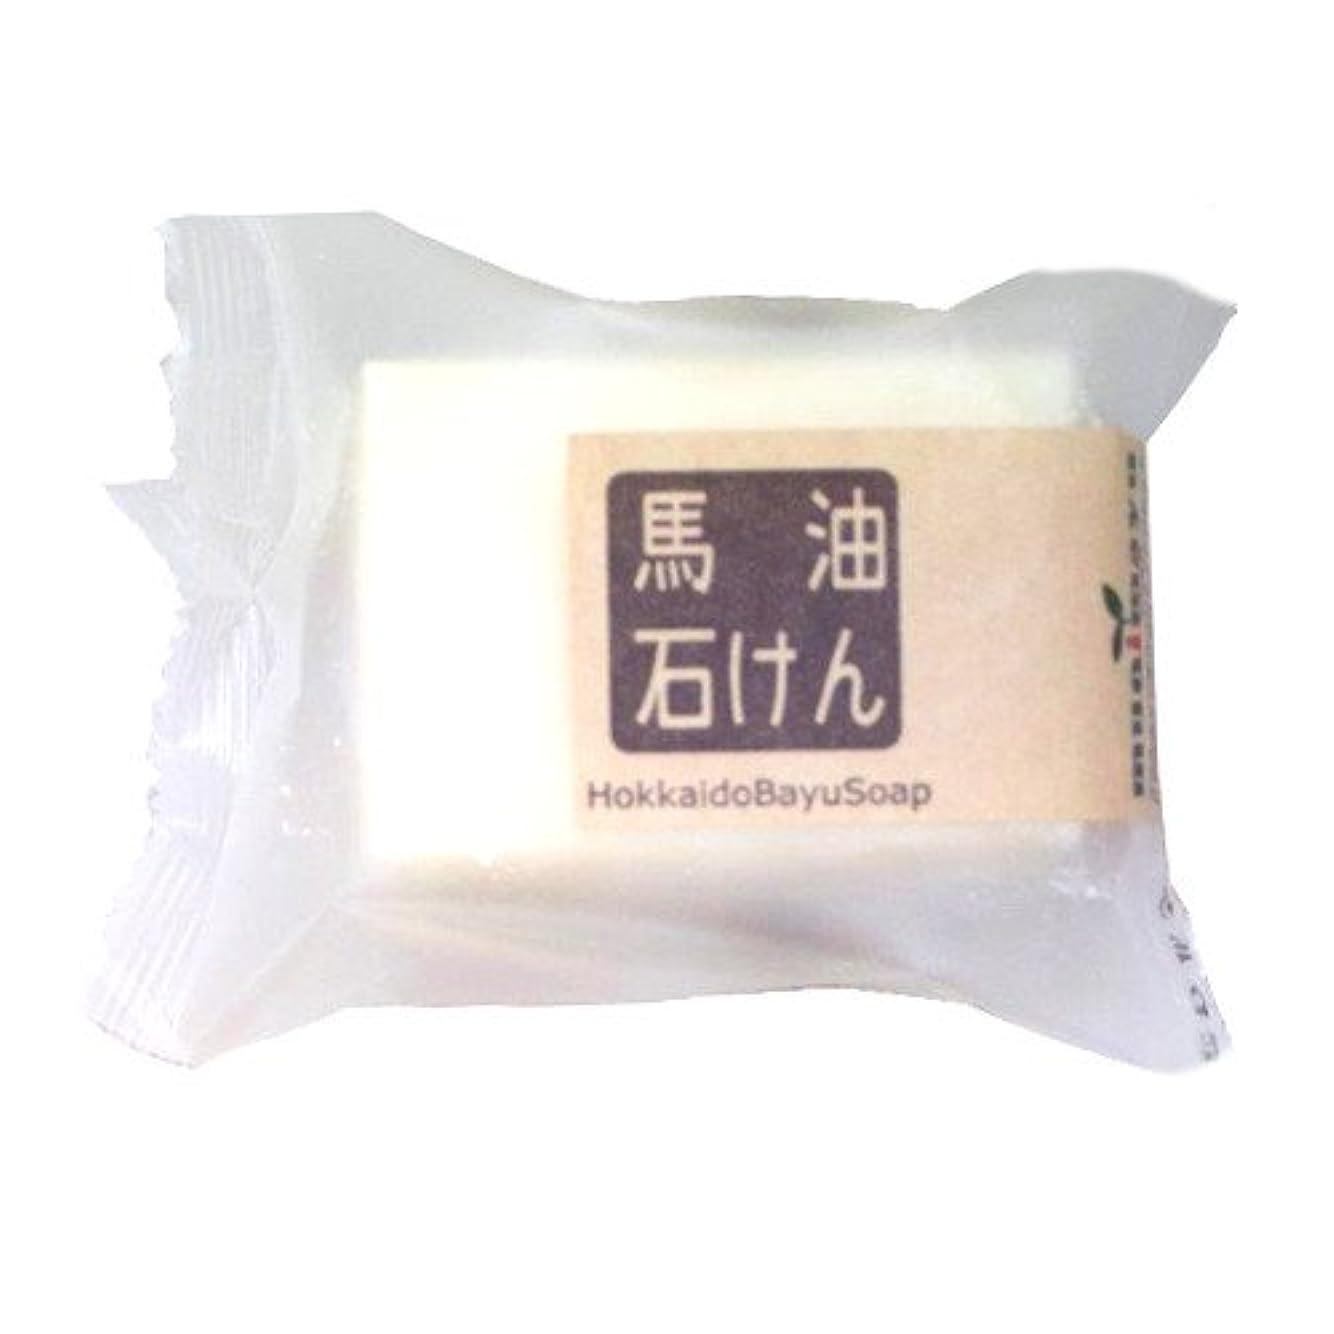 繁殖アプトトラフィック北海道馬油工房 北海道クリーミー馬油石鹸